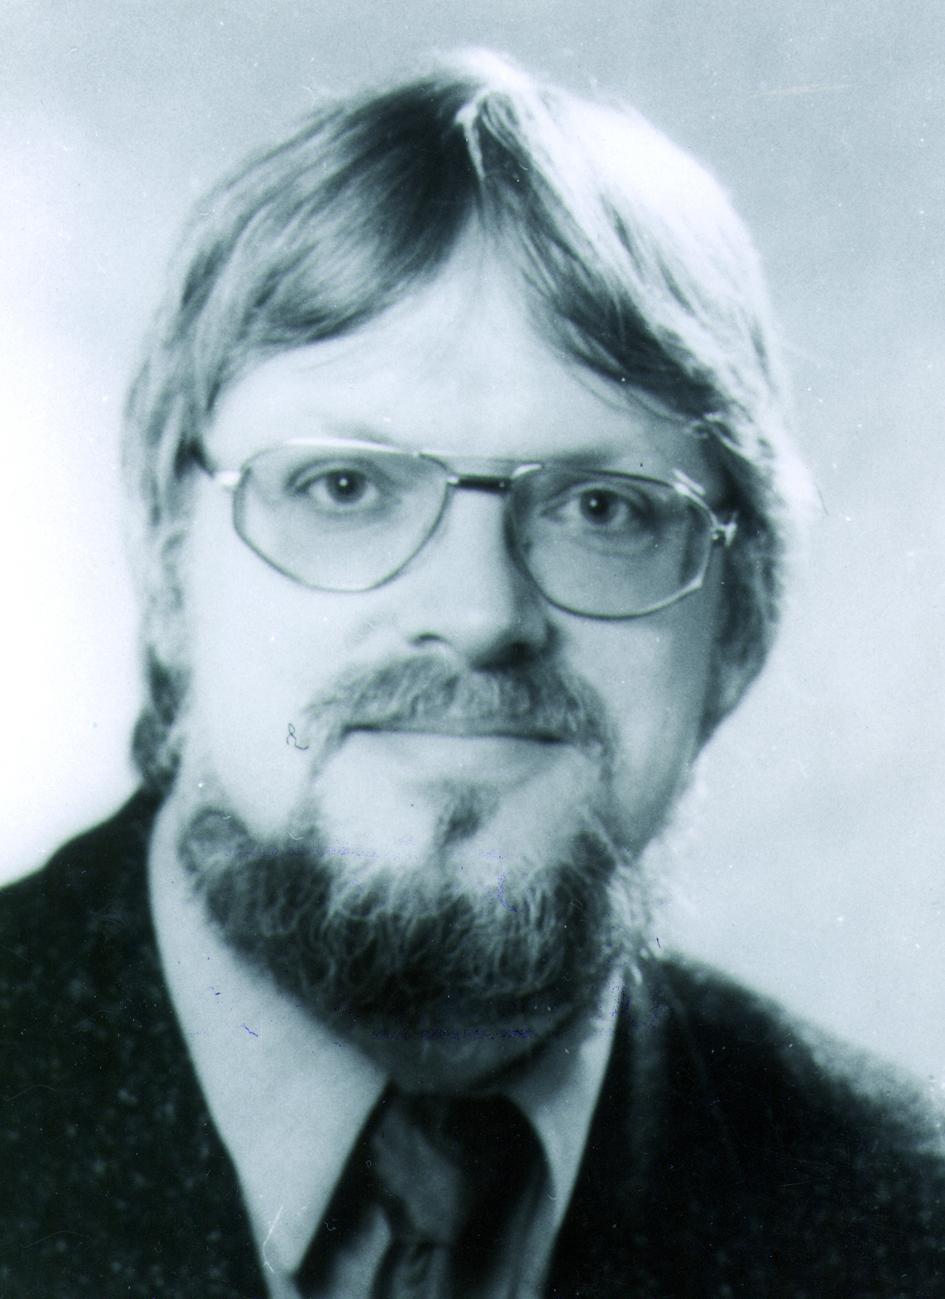 Portraitfoto von Herrn Josef Kosanetzky.